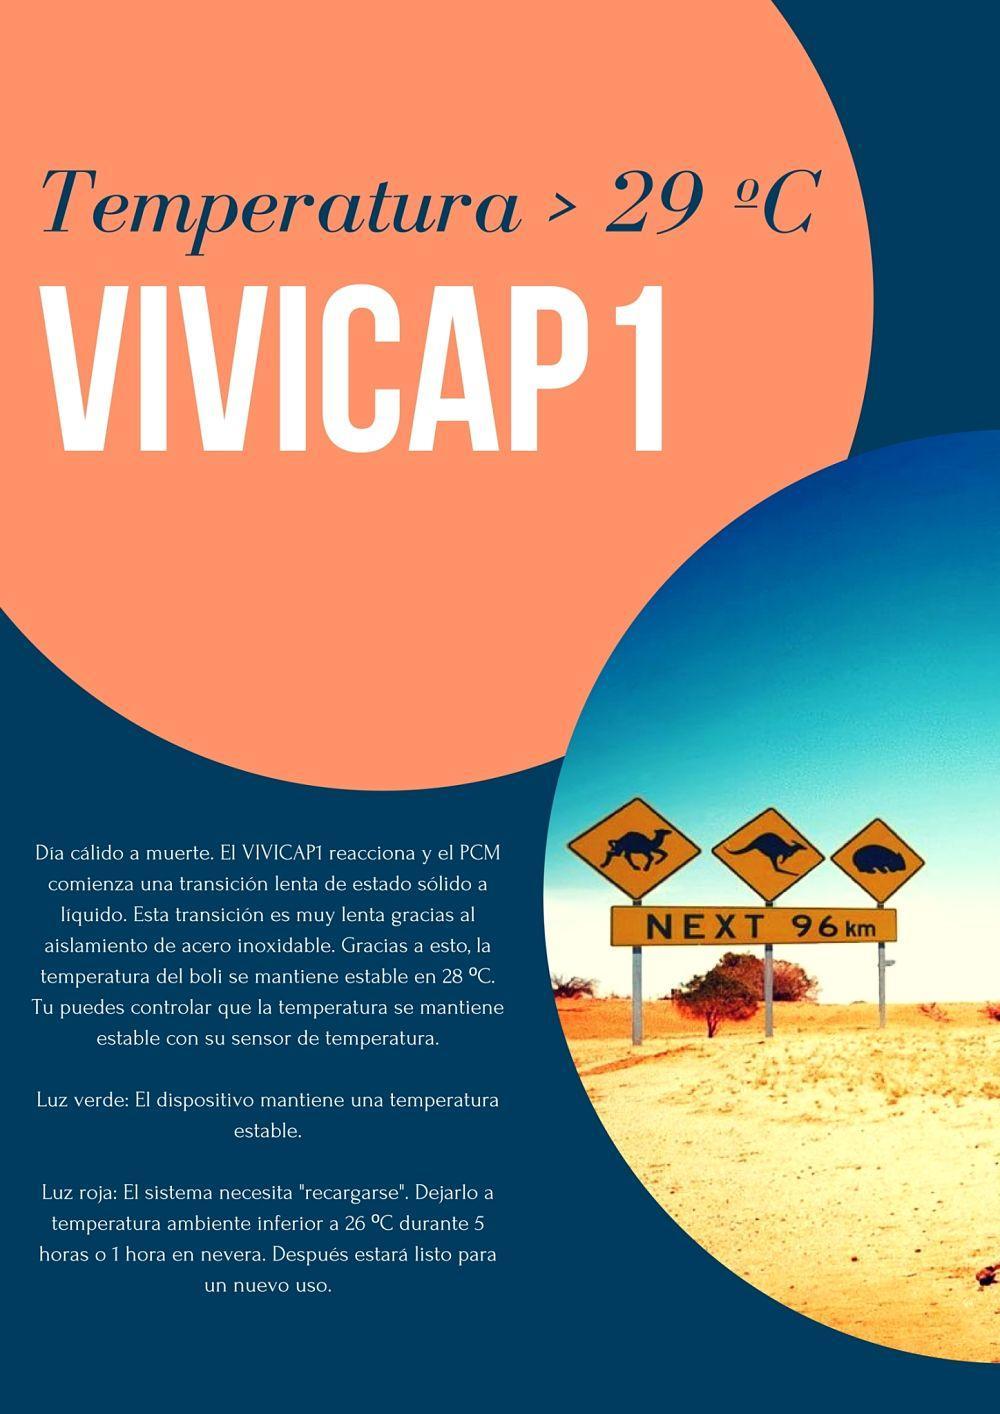 VIVICAP1